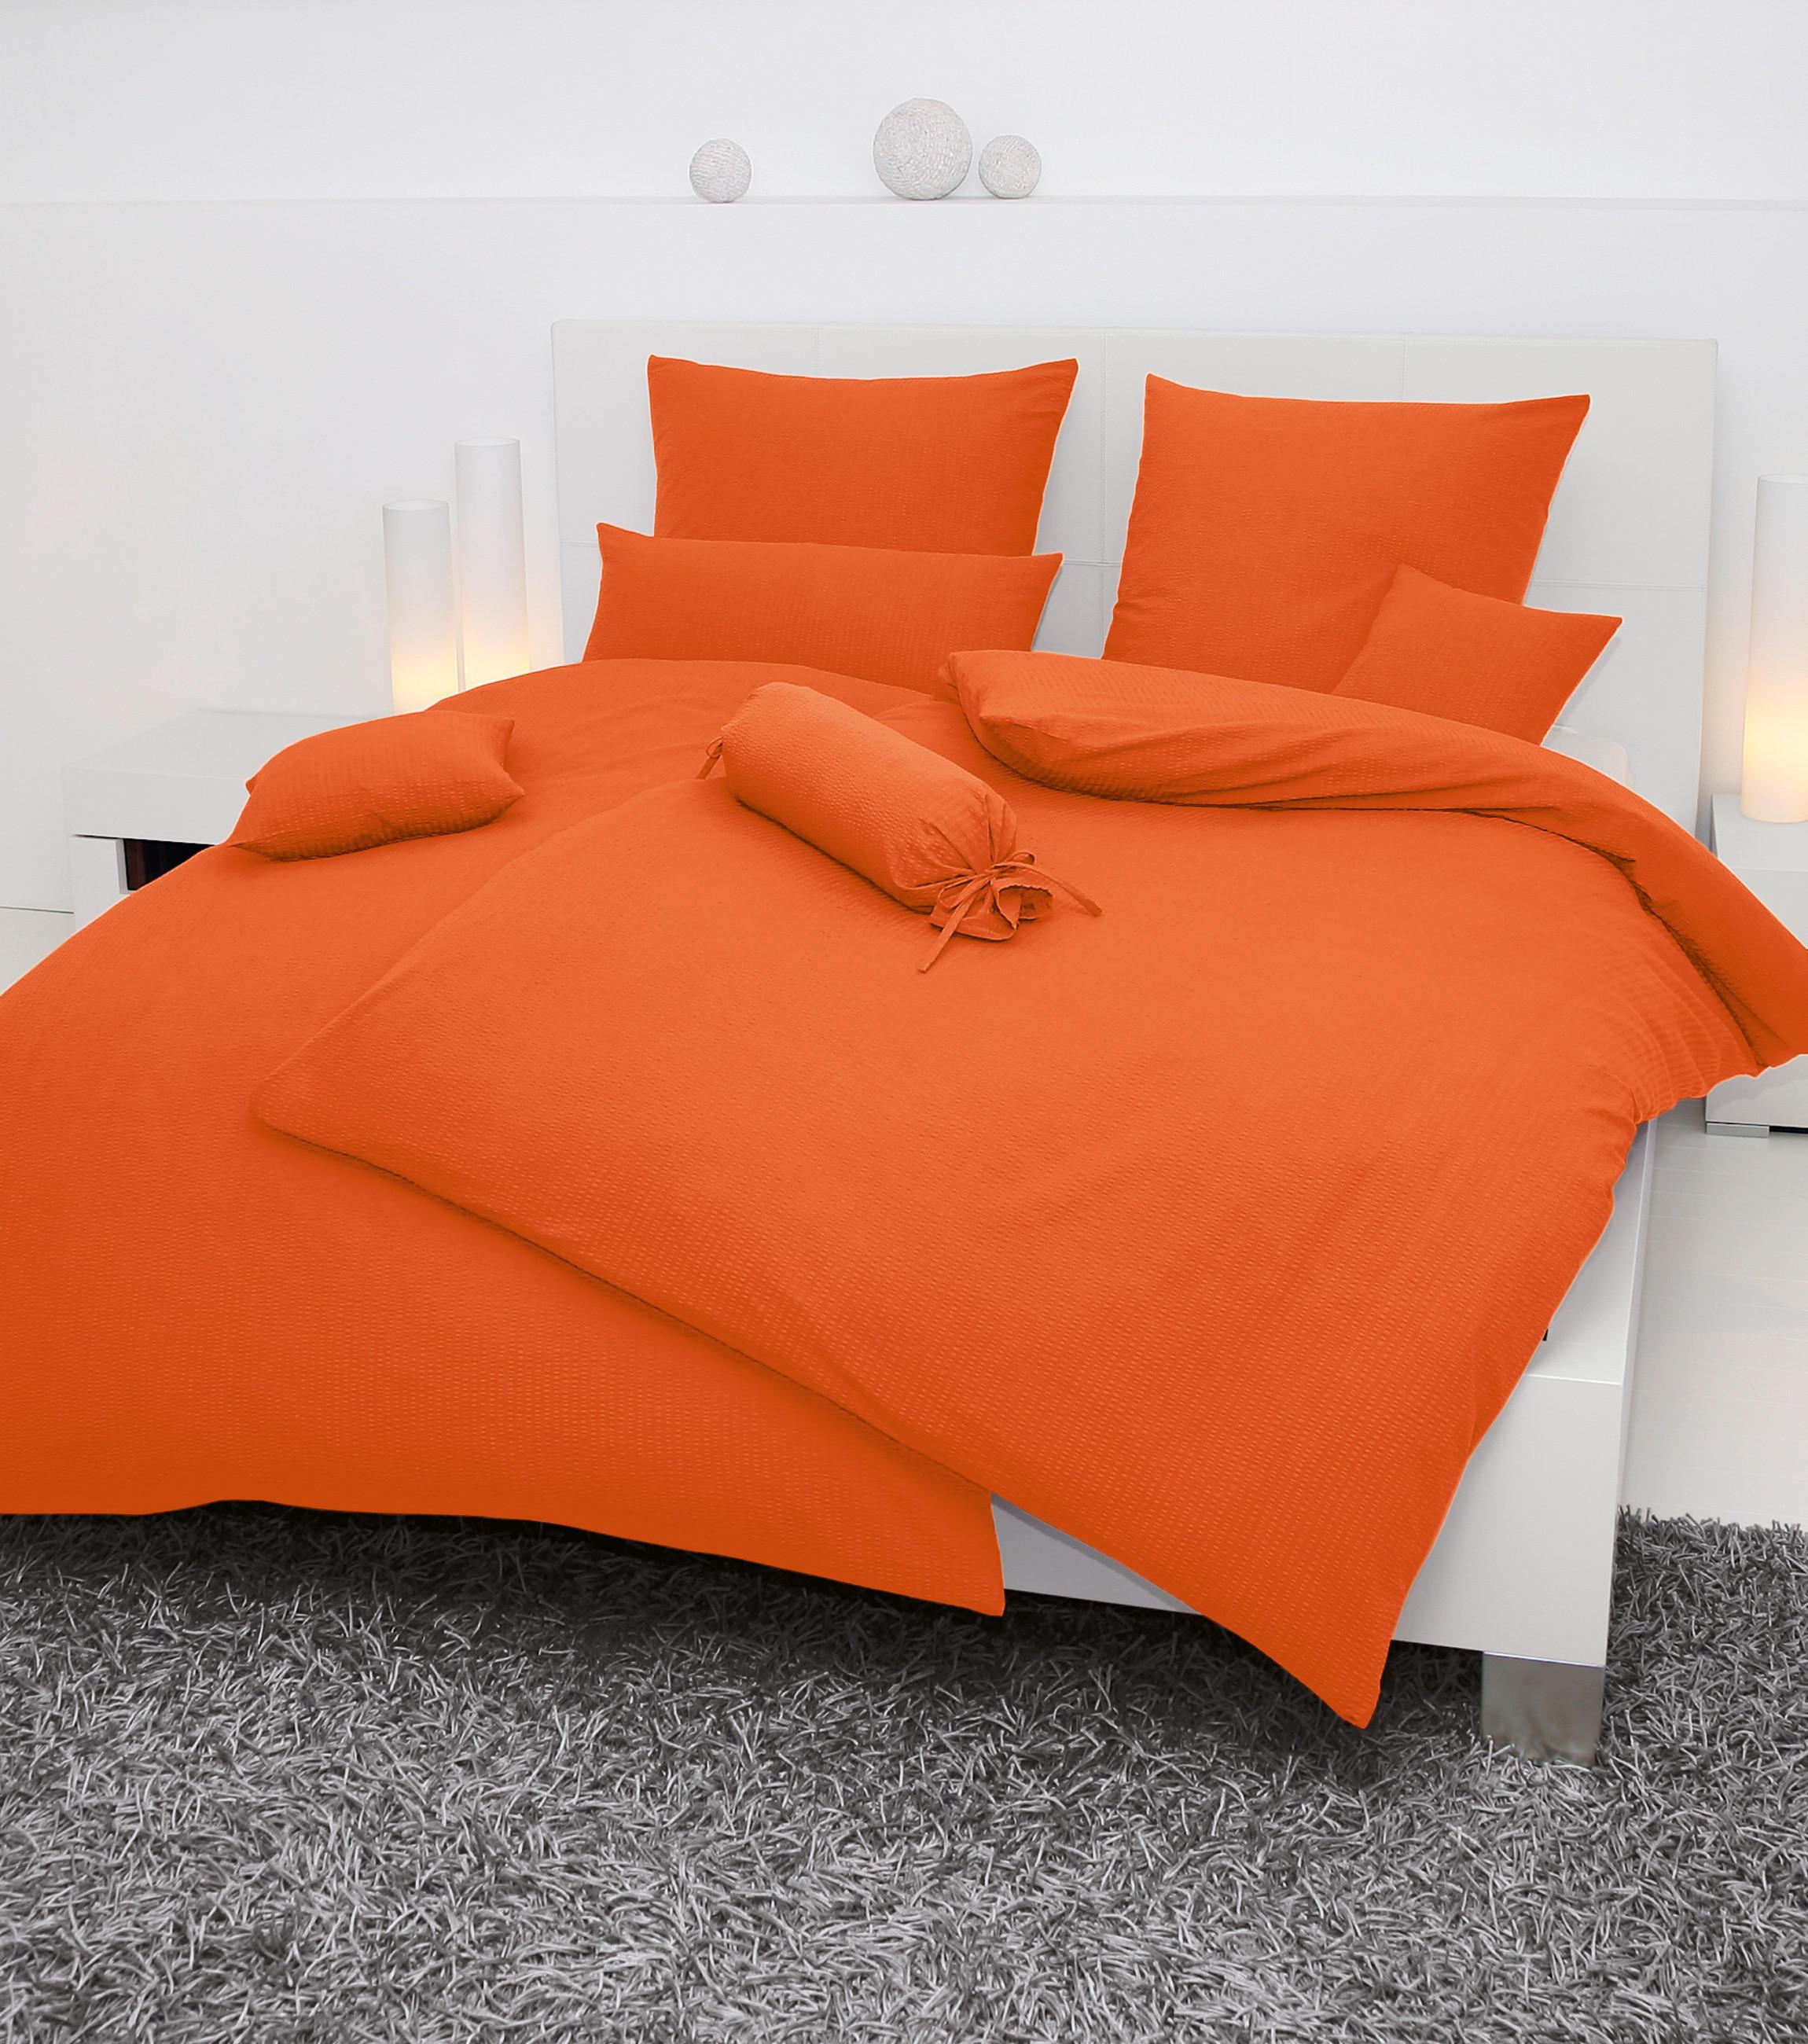 BETTWÄSCHE Seersucker Orange 155/220 cm - Orange, Basics, Textil (155/220cm) - JANINE